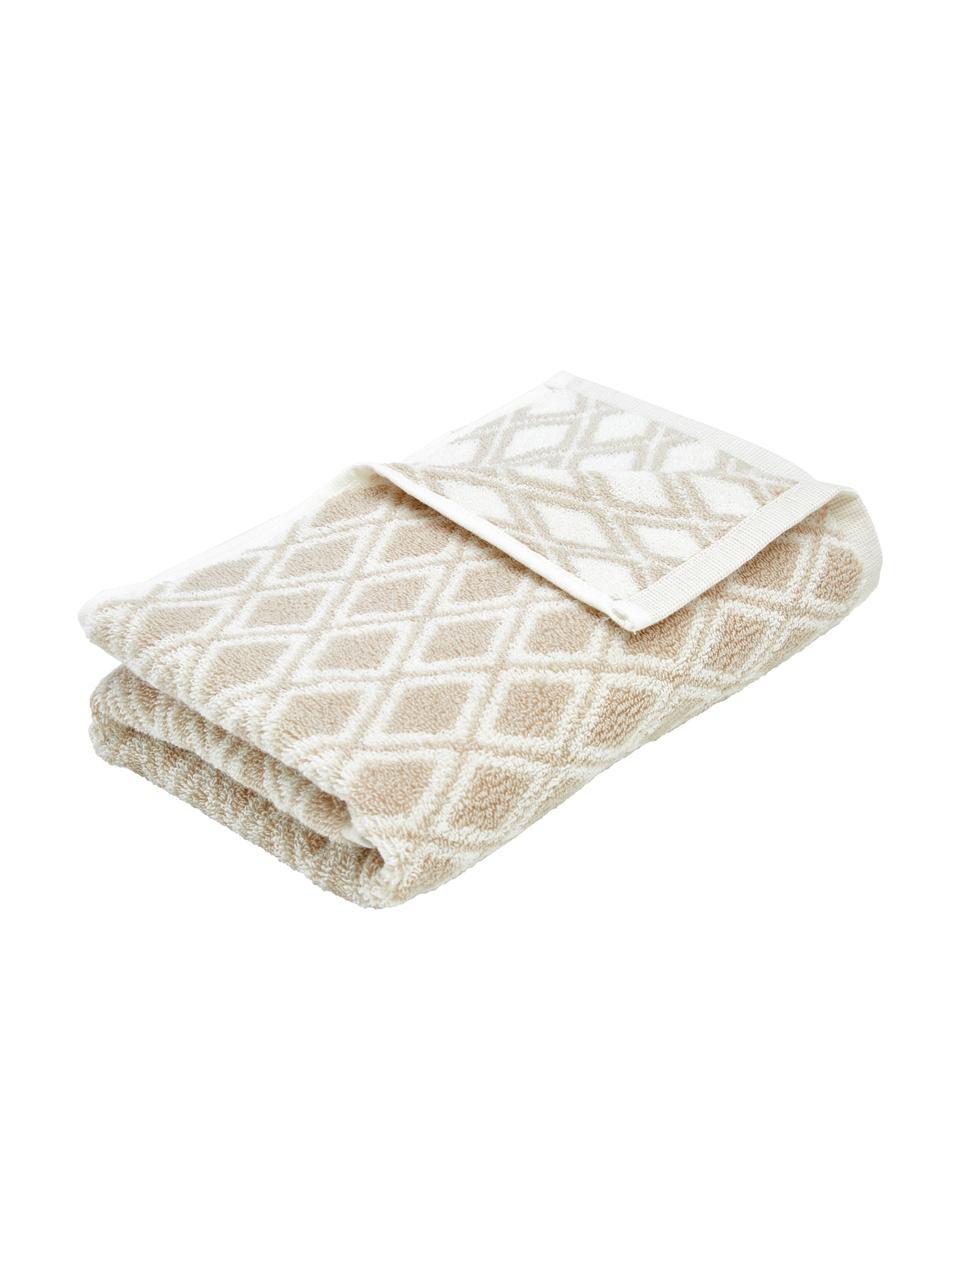 Serviette de toilette réversible en coton pur Ava, Couleur sable, blanc crème